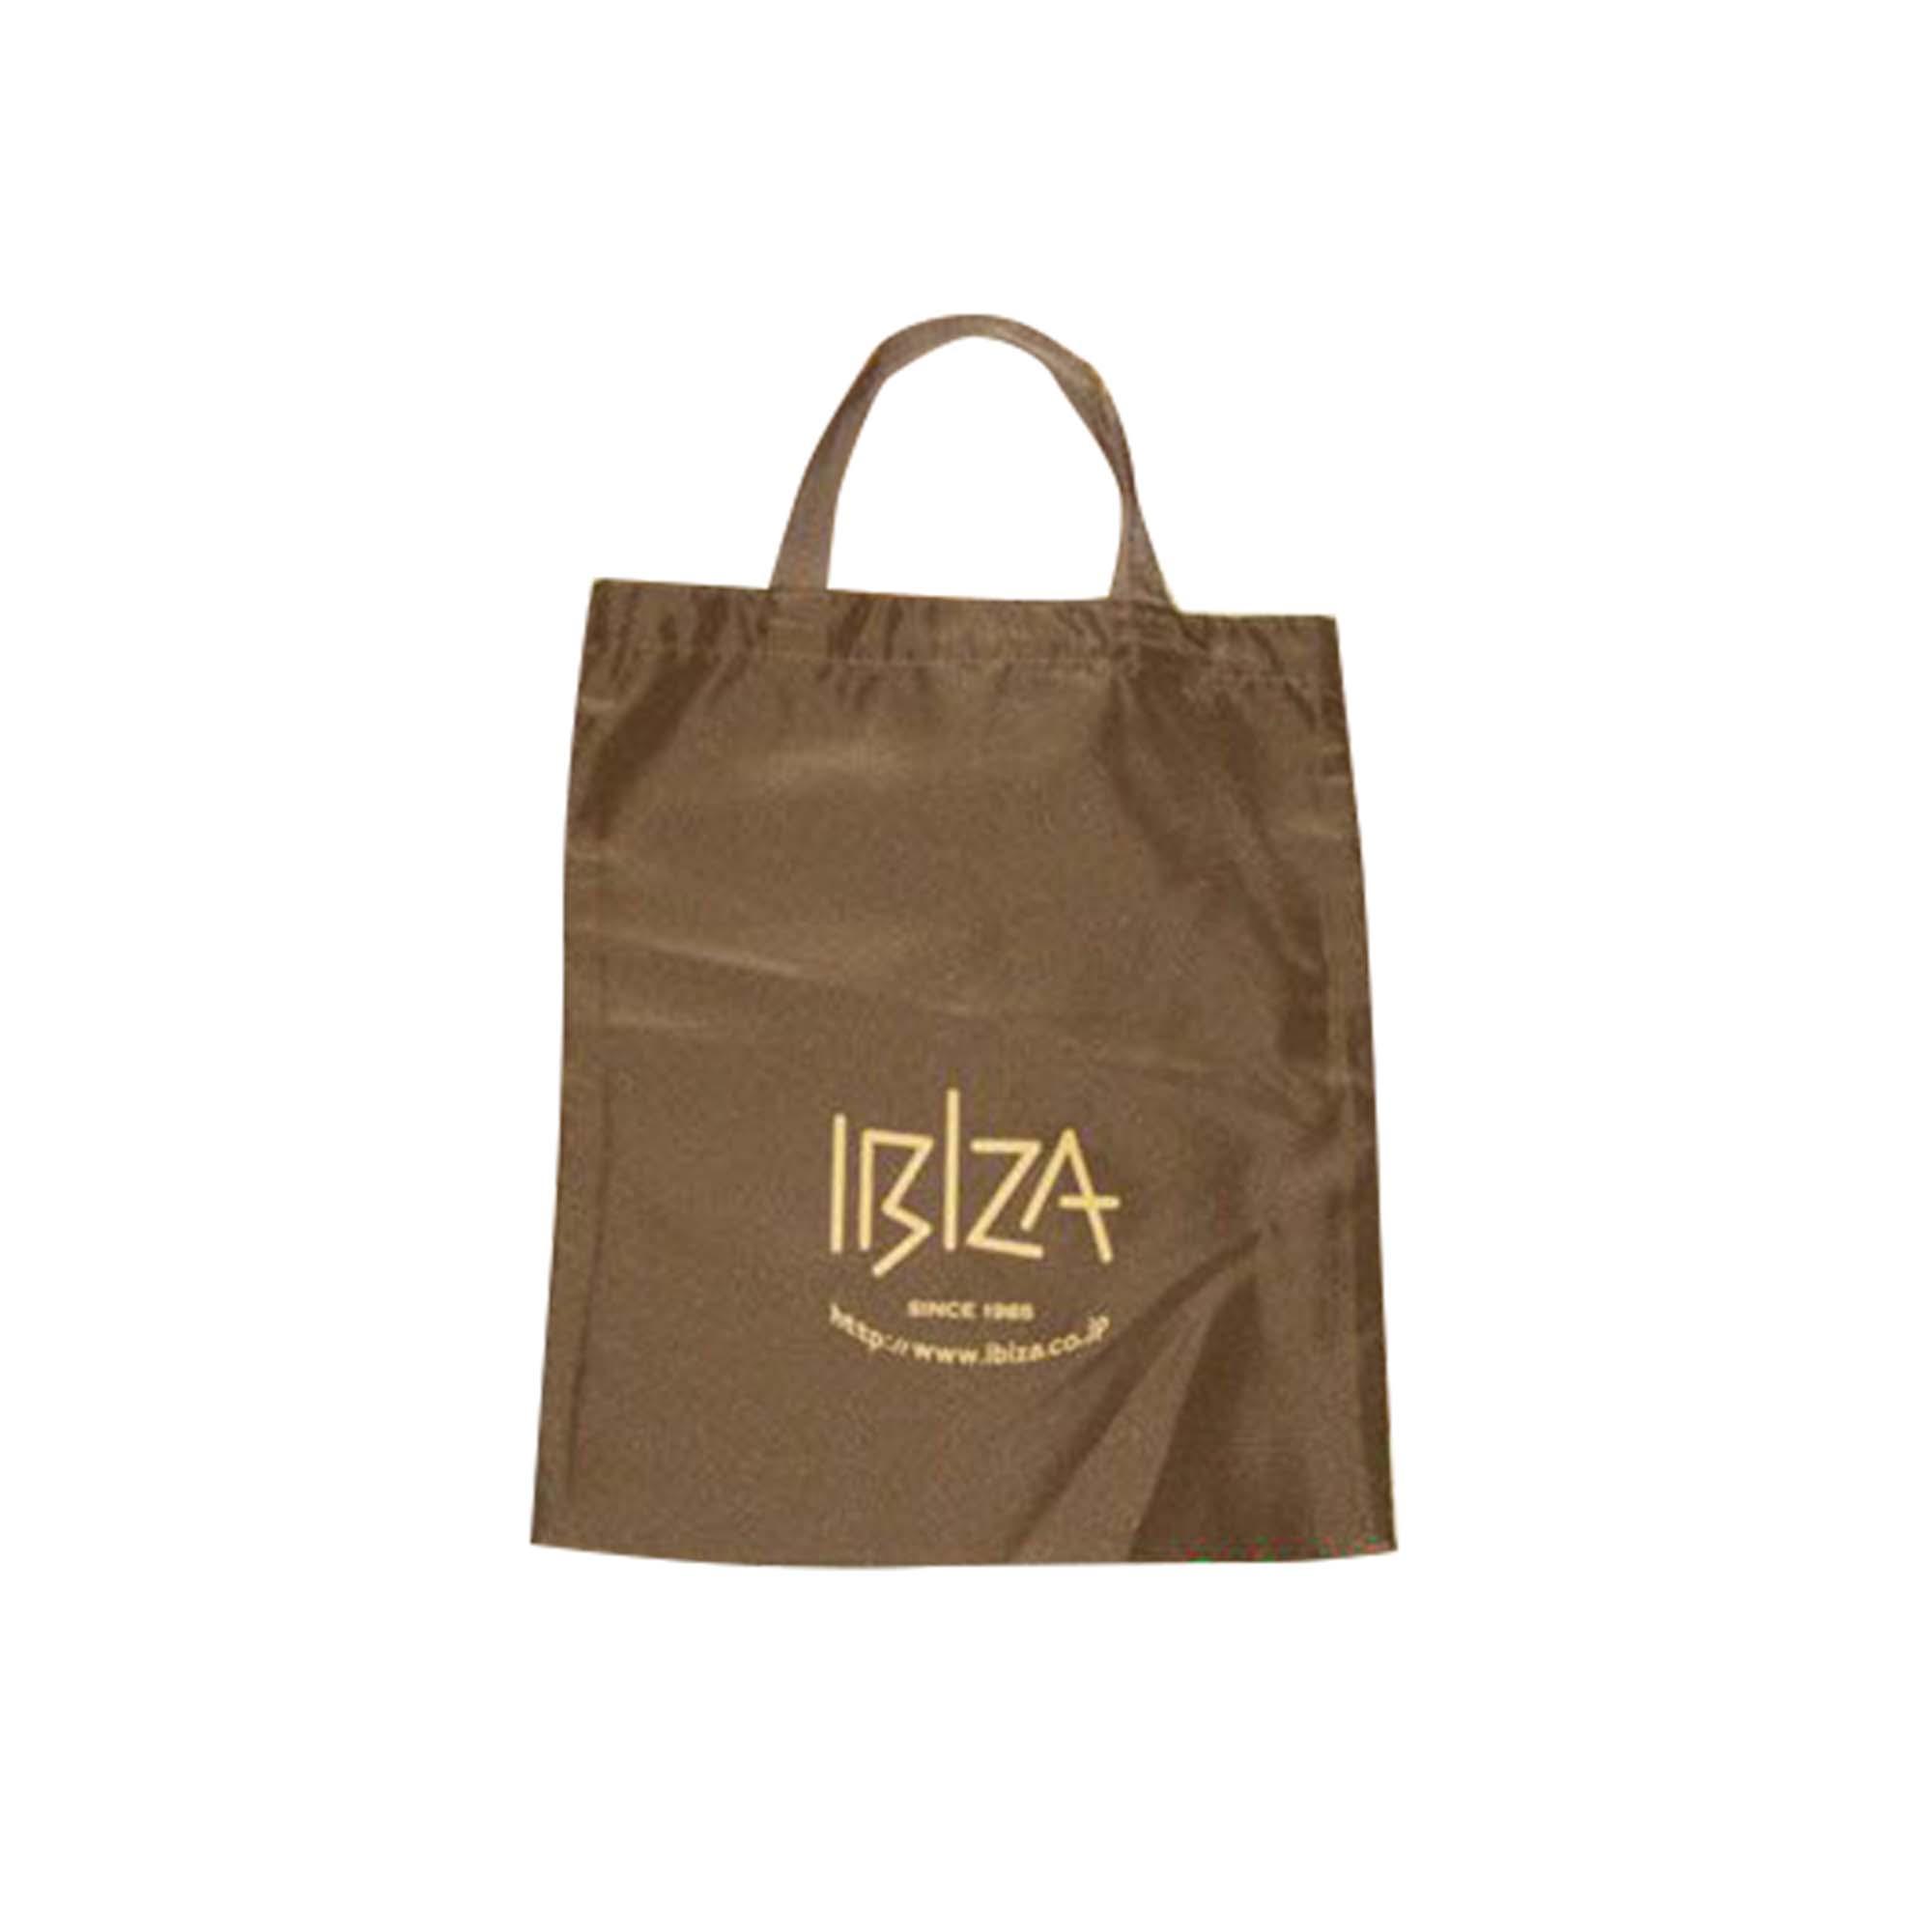 TOTE bag ( 13N/HH)